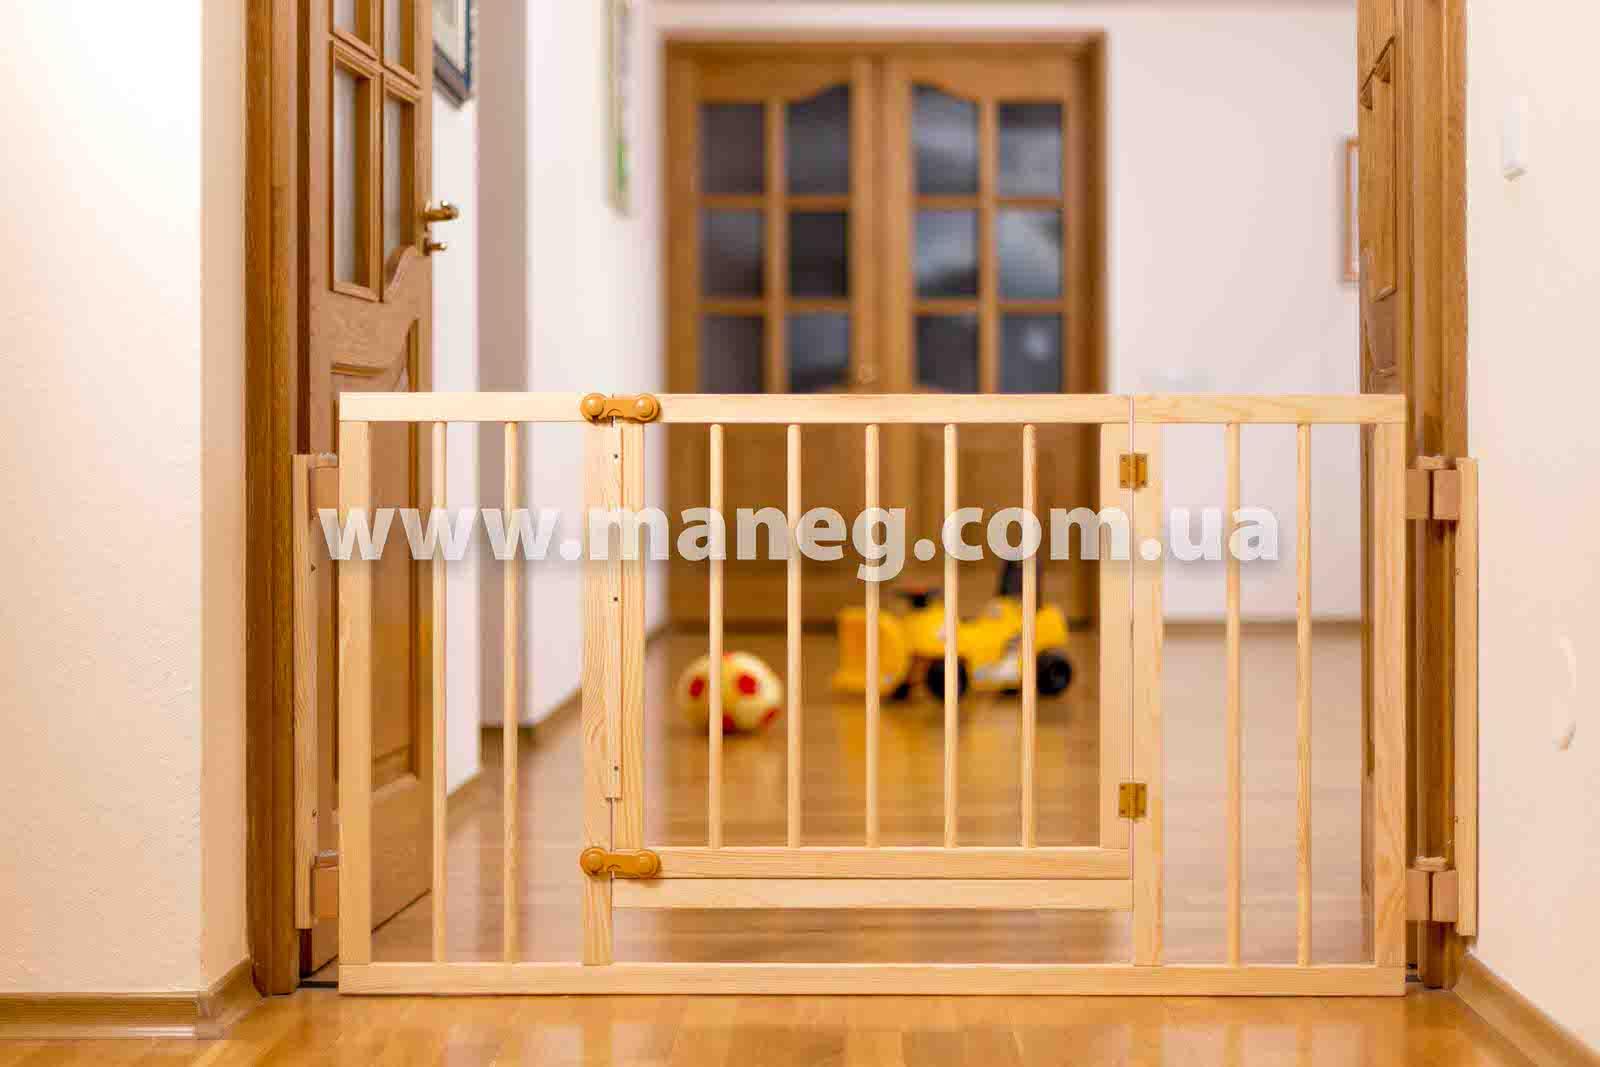 Как сделать ворота безопасности для ребенка Ворота безопасности как защита на лестницу от детей